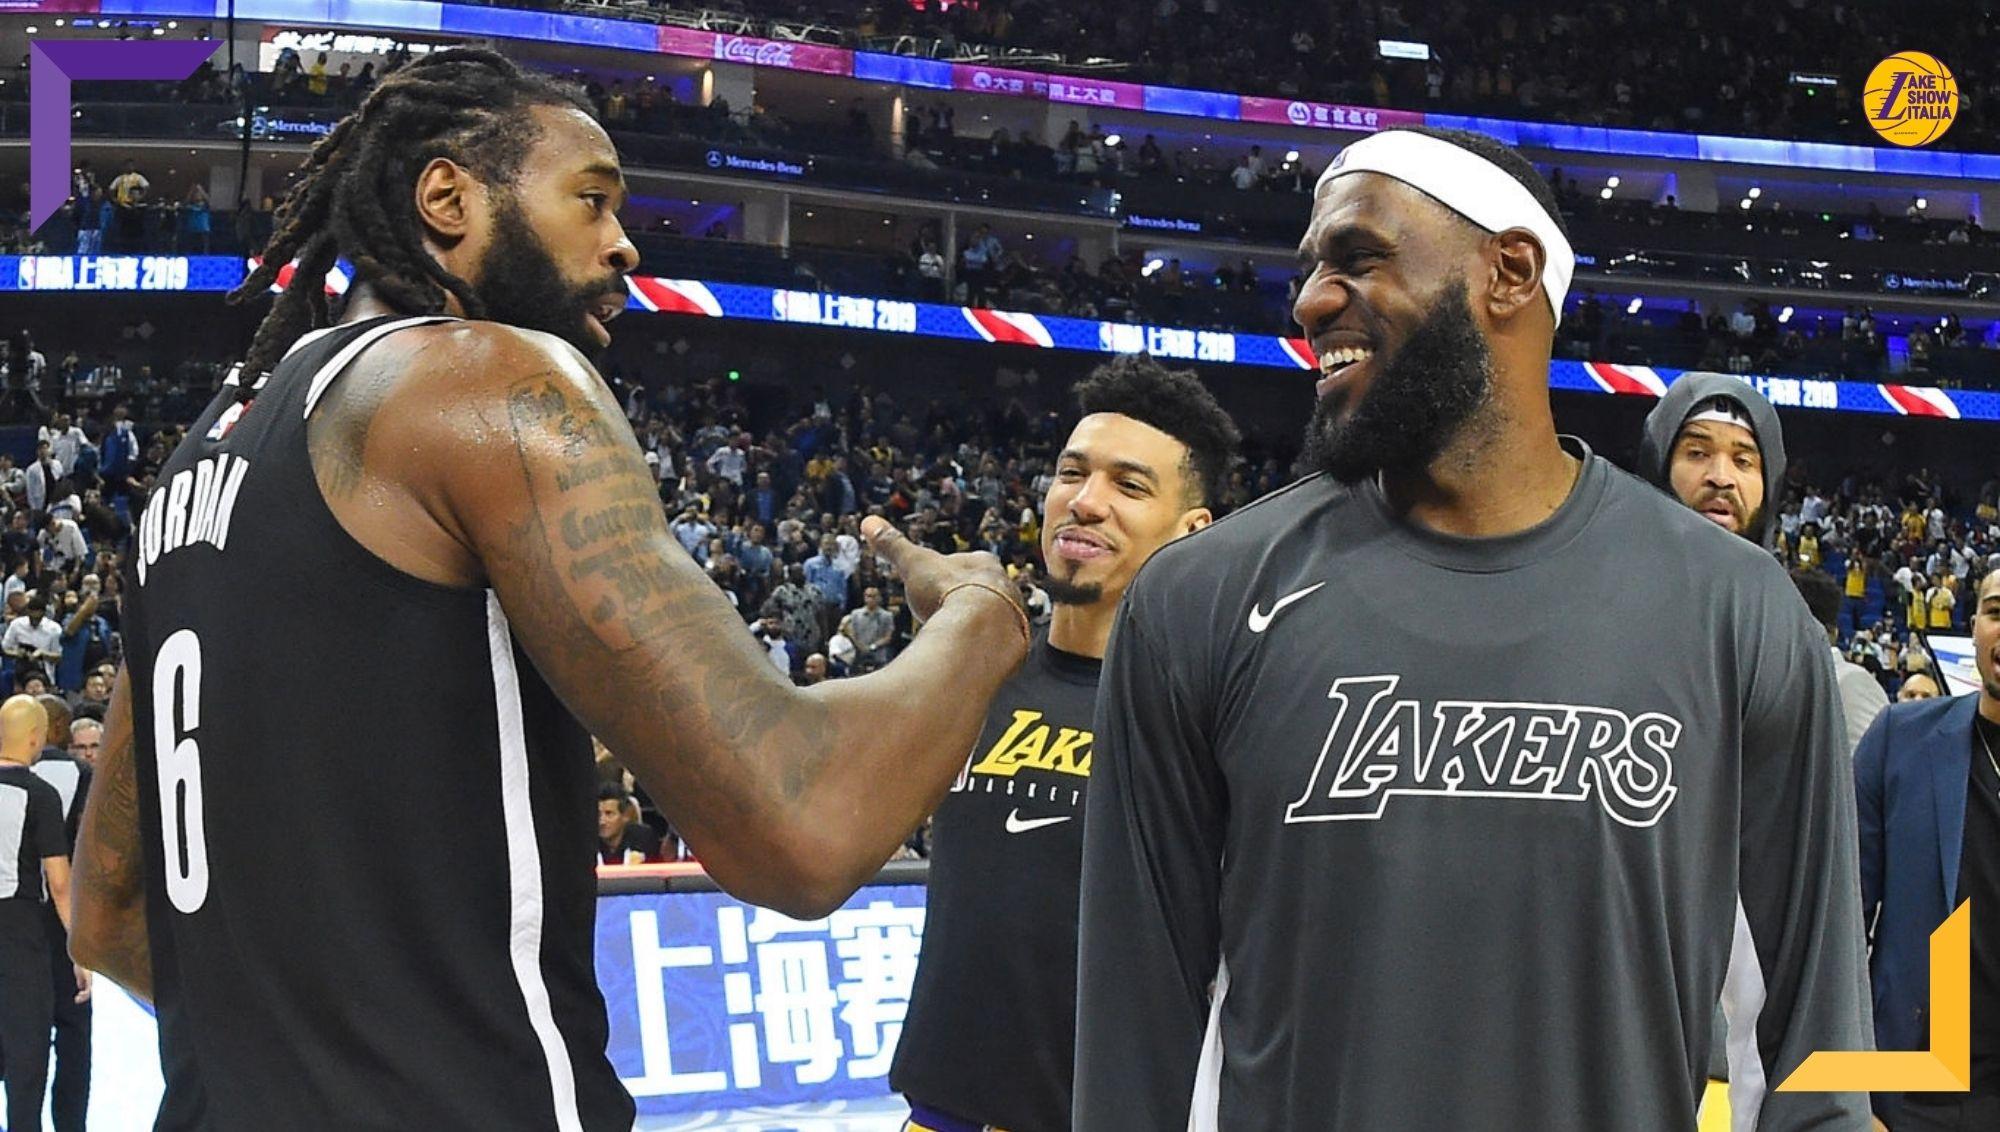 DeAndre Jordan, appena ceduto dai Nets, ha raggiunto l'accordo per il buyout coi Pistons. Nei prossimi giorni firmerà coi Los Angeles Lakers. (DeAndre Jordan and LeBron James, photo by Andrew D. Bernstein, NBAE via Getty Images)